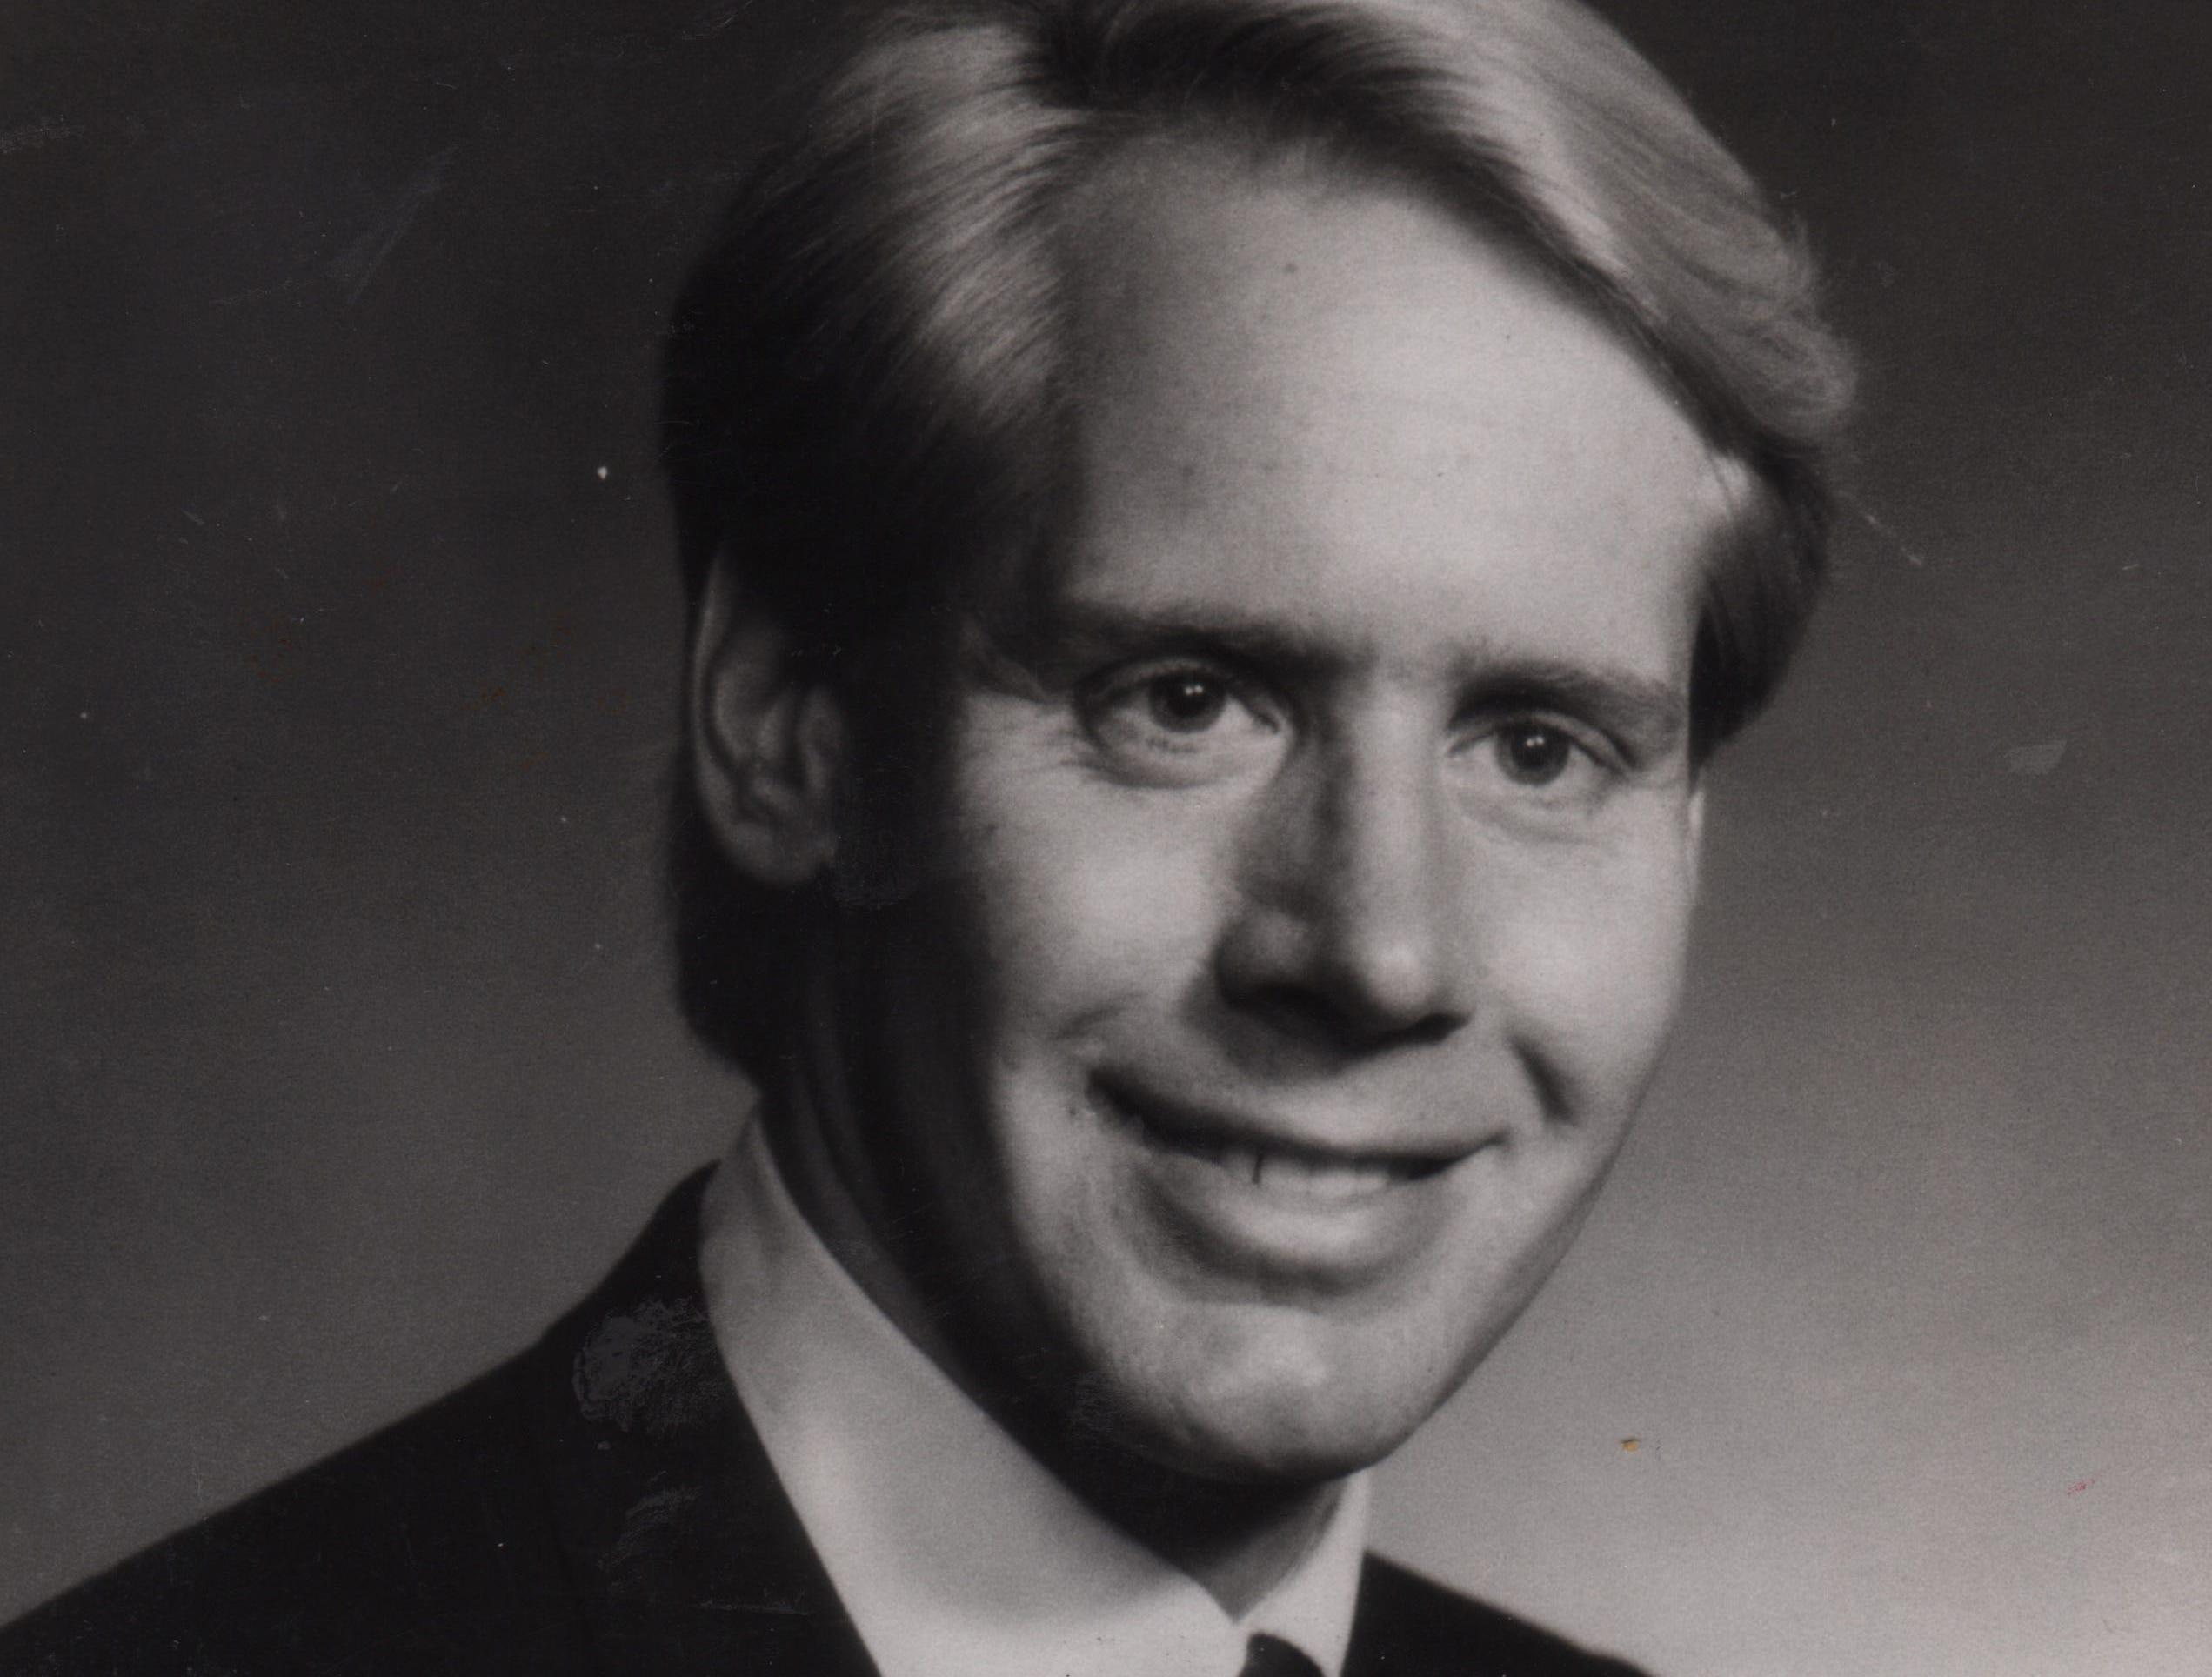 Carl Lindner III in 1984.